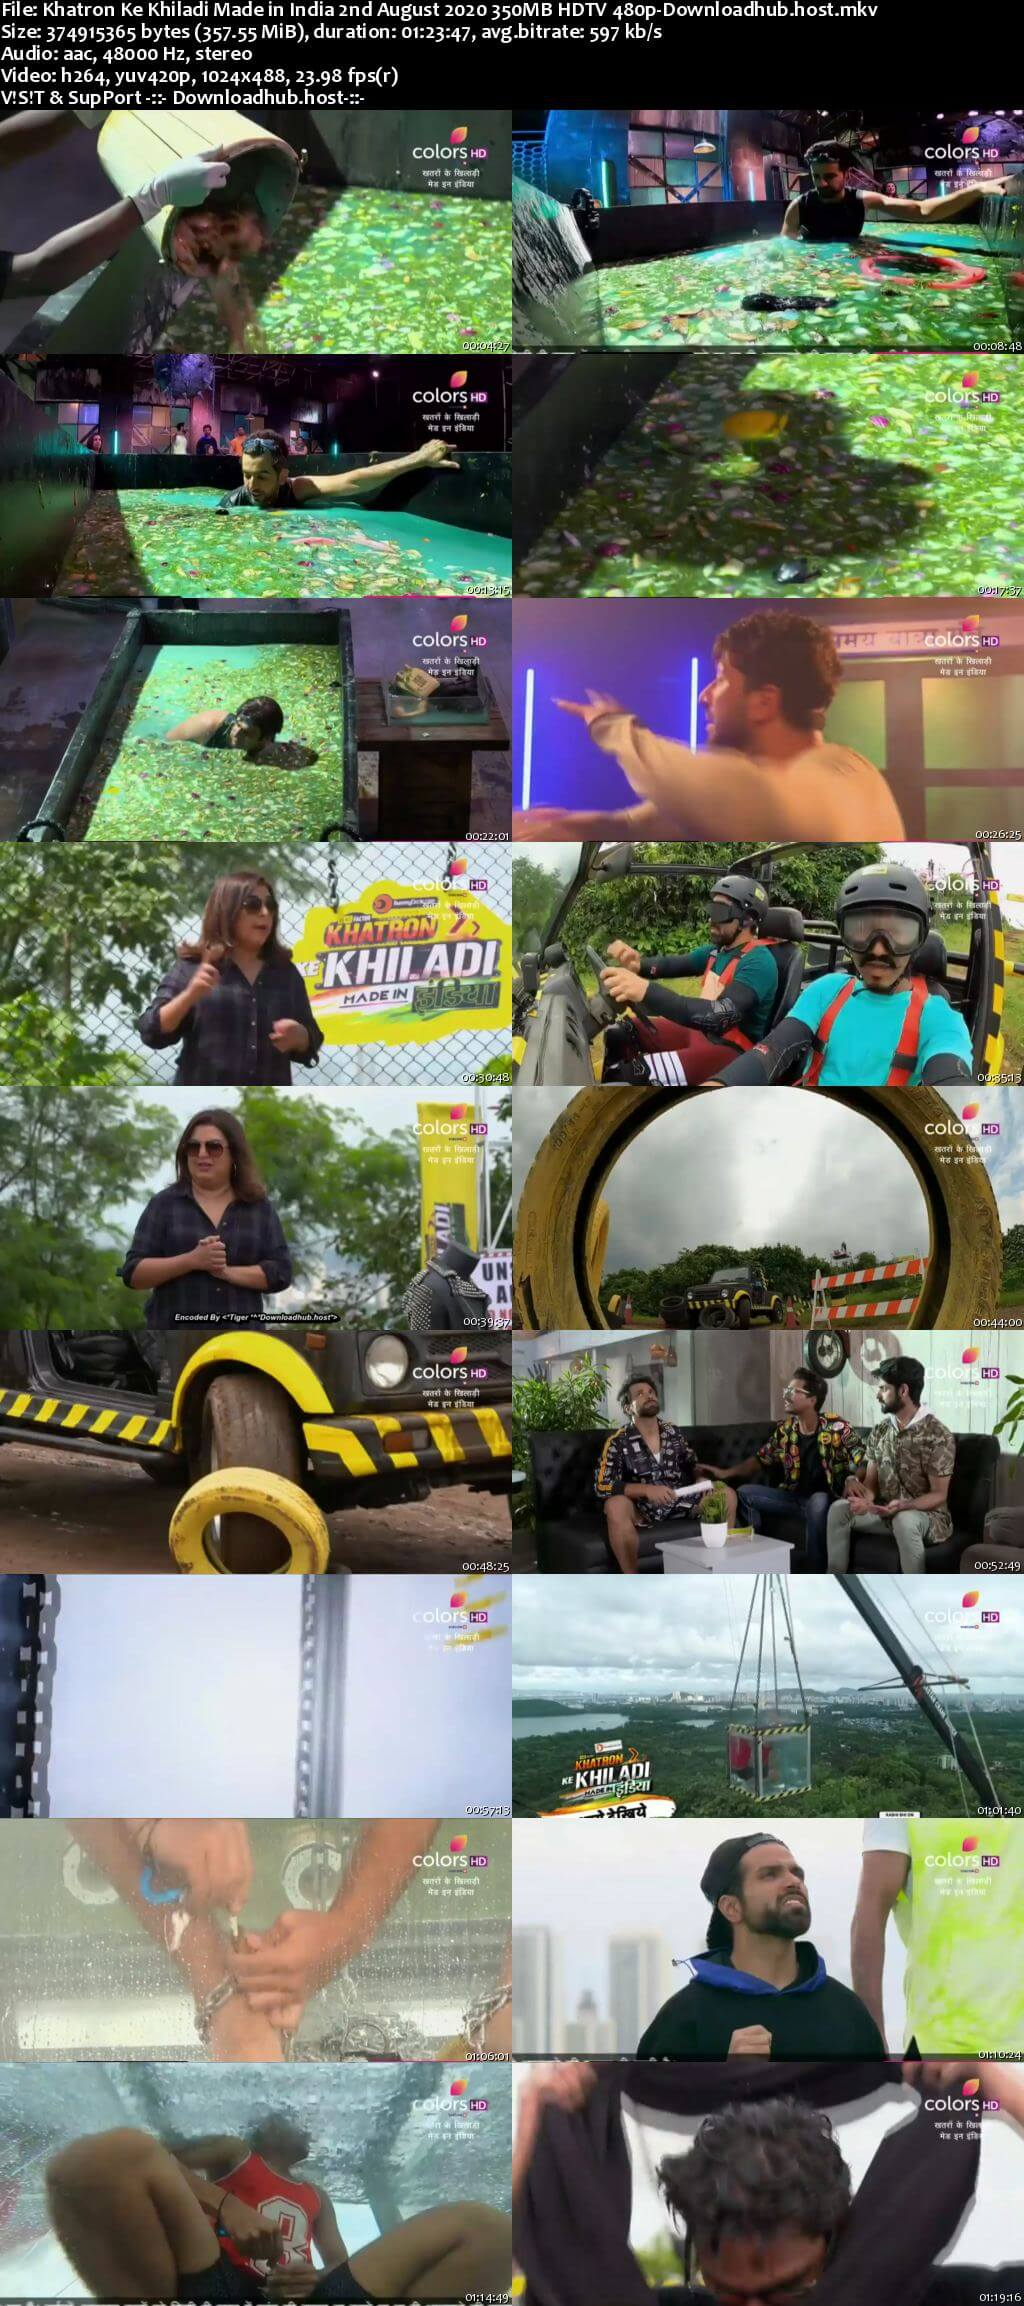 Khatron Ke Khiladi Made in India 02 August 2020 Episode 02 HDTV 480p